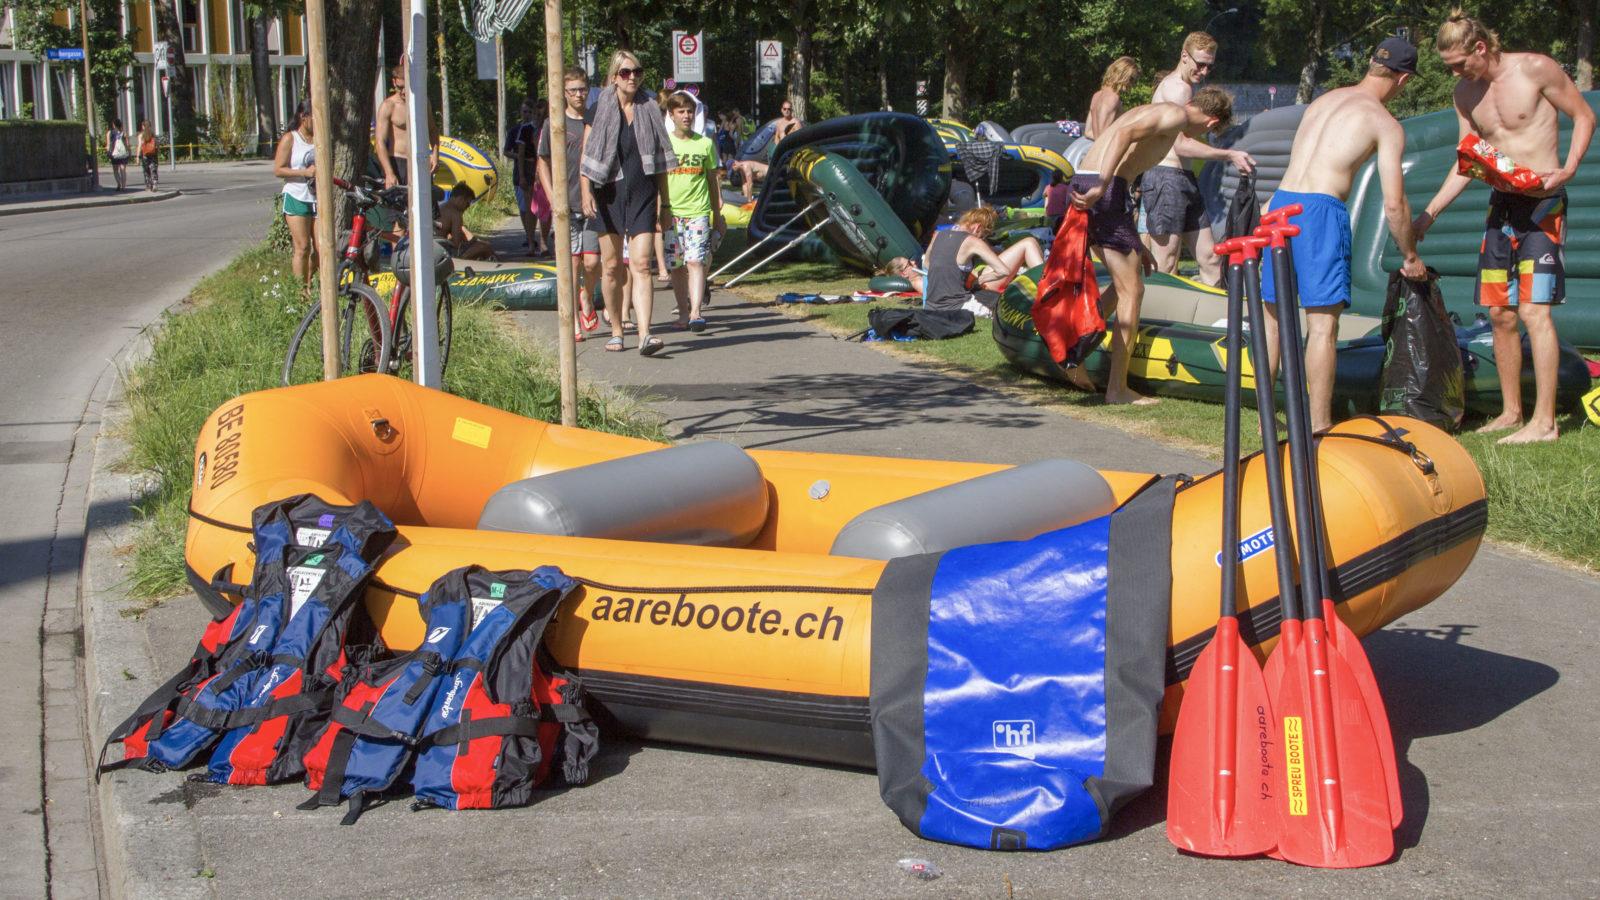 Flusstaugliches Schlauchboot mit Schwimmwesten, wasserdichtem Schwimmsack und stabilen (!) Paddeln